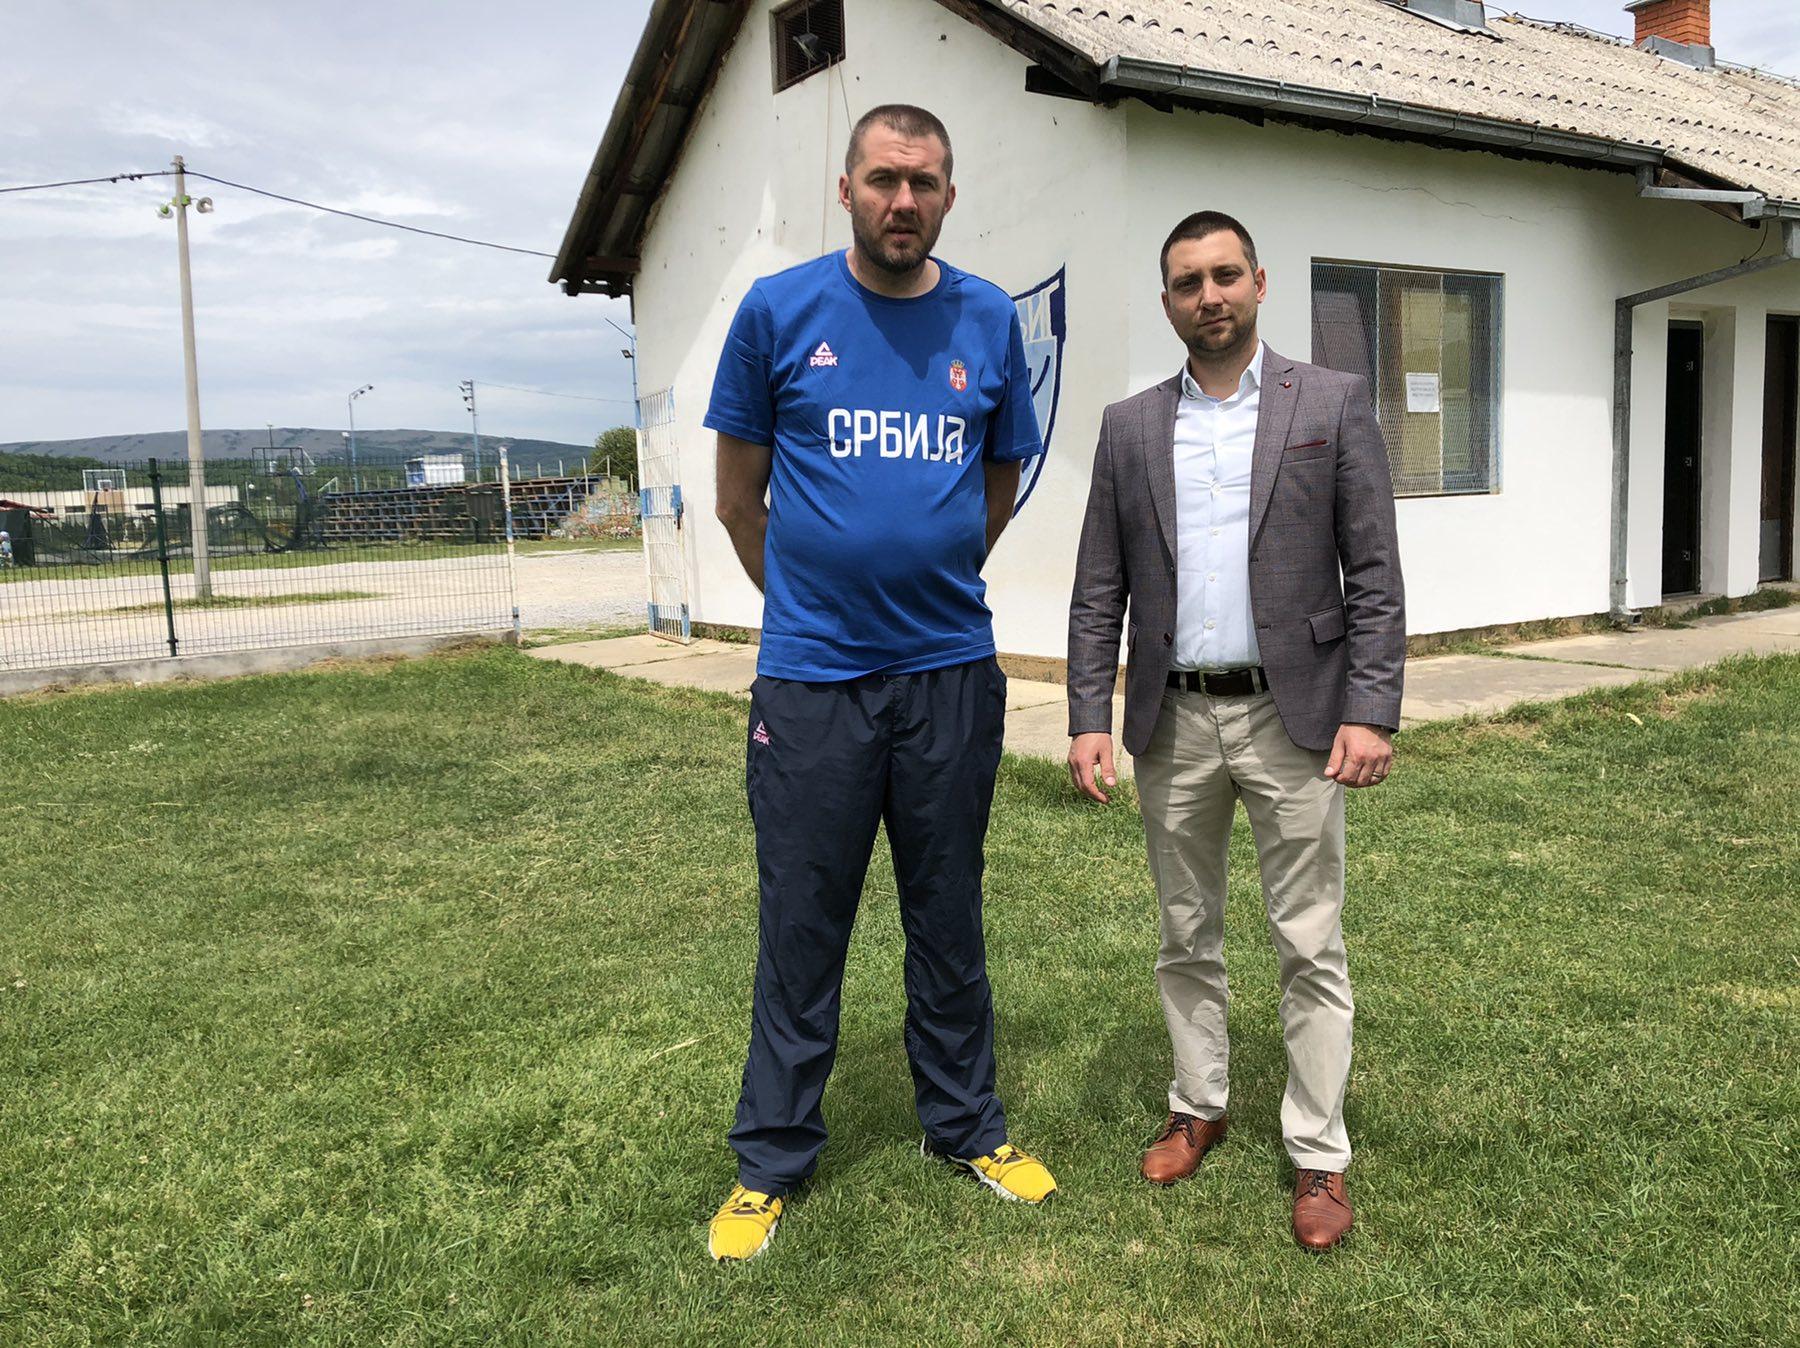 Sekretar Saveza Igor Radivojević i predsednik opštine Svrljig Miroslav Marković, foto: M.M.